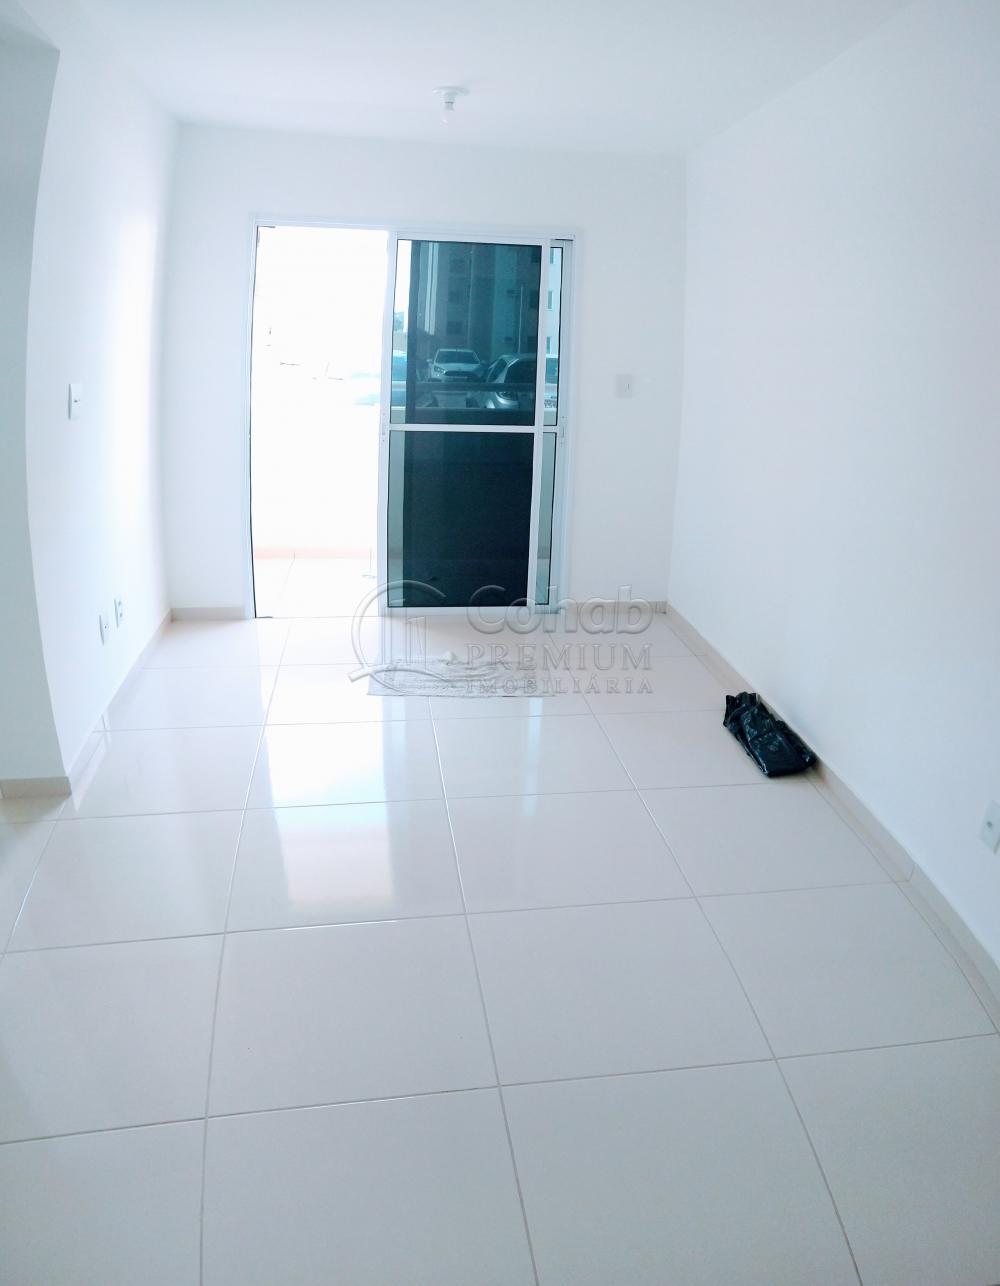 Alugar Apartamento / Padrão em São Cristóvão apenas R$ 630,00 - Foto 2